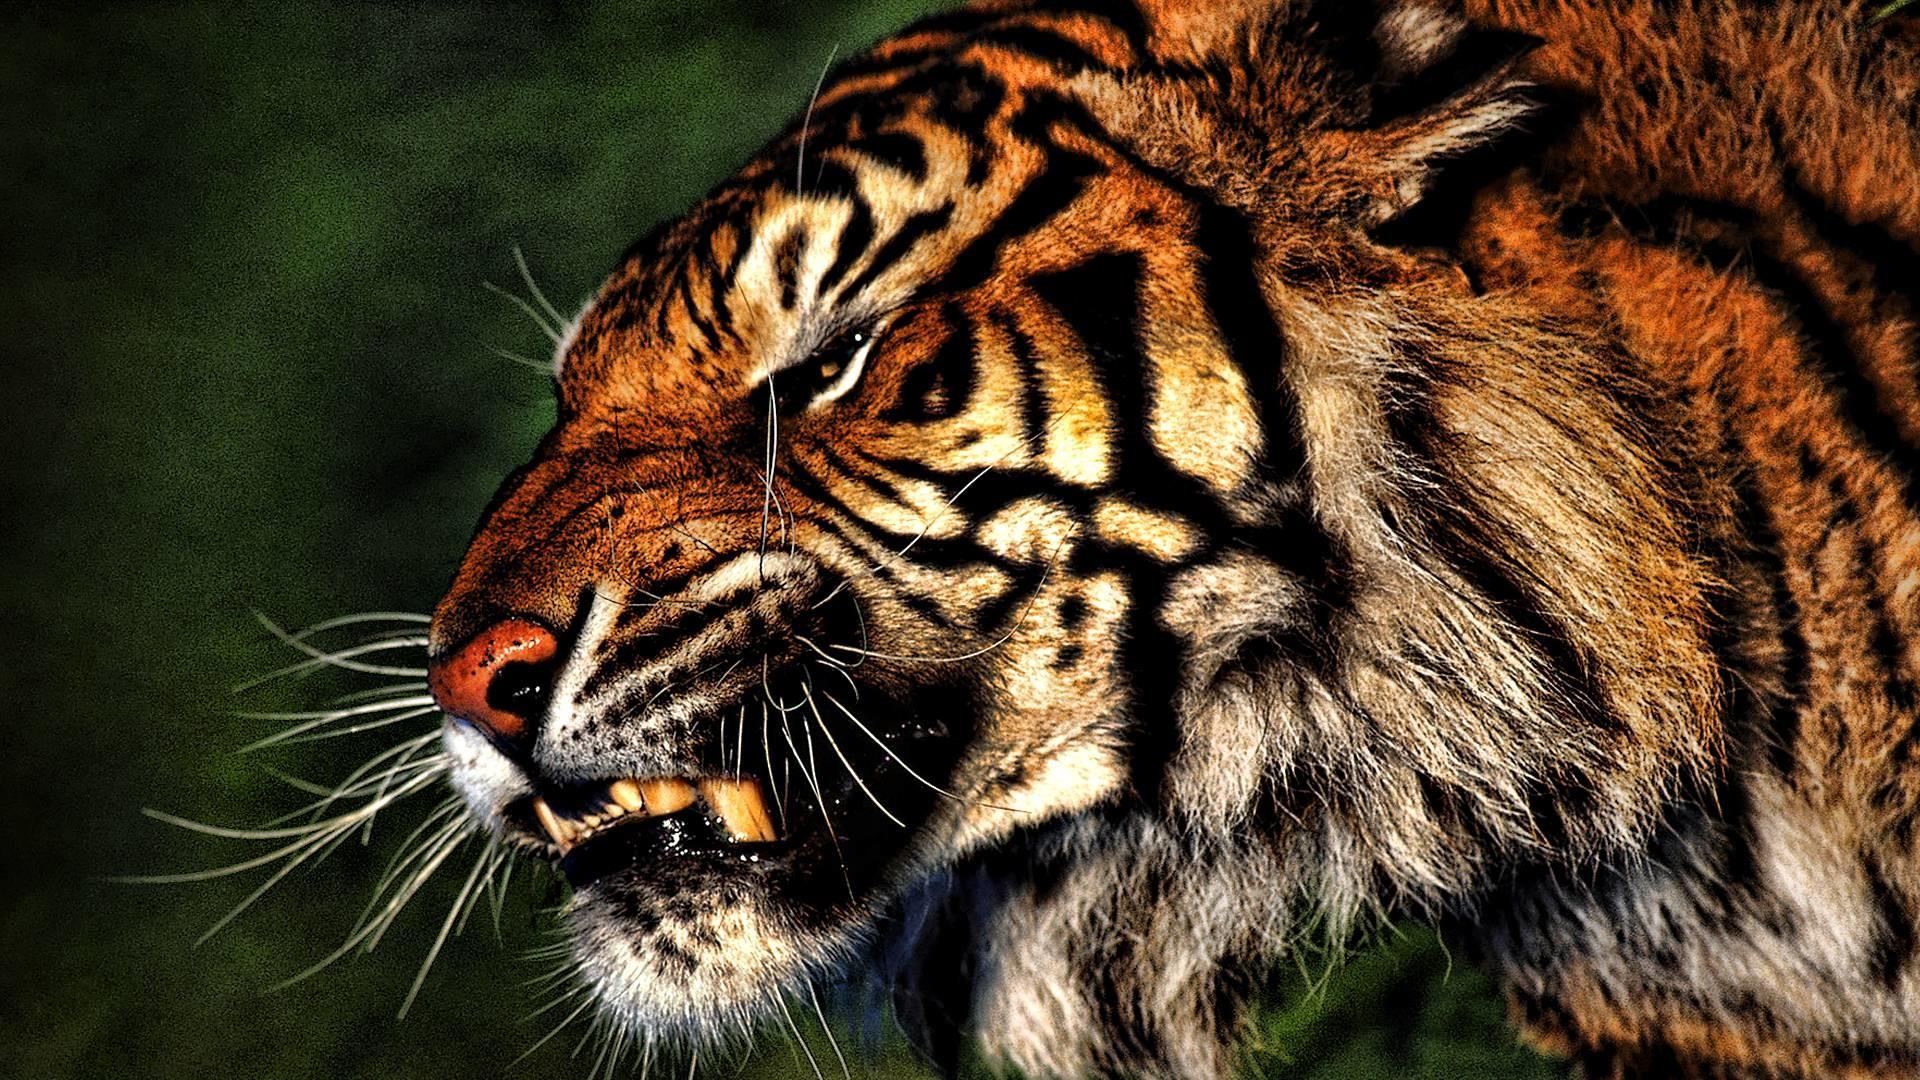 tiger wallpaper   tiger wallpaper – Part 5